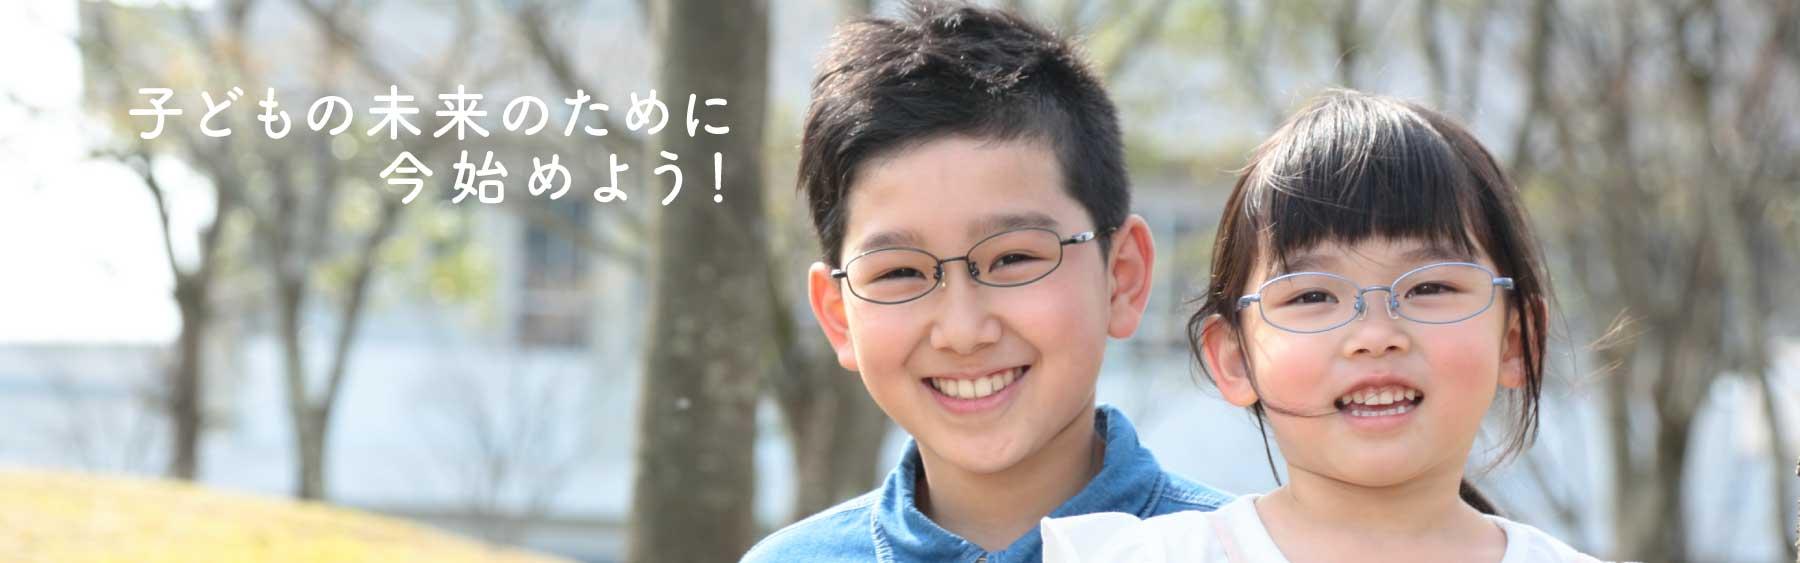 子供の眼鏡|弱視・斜視